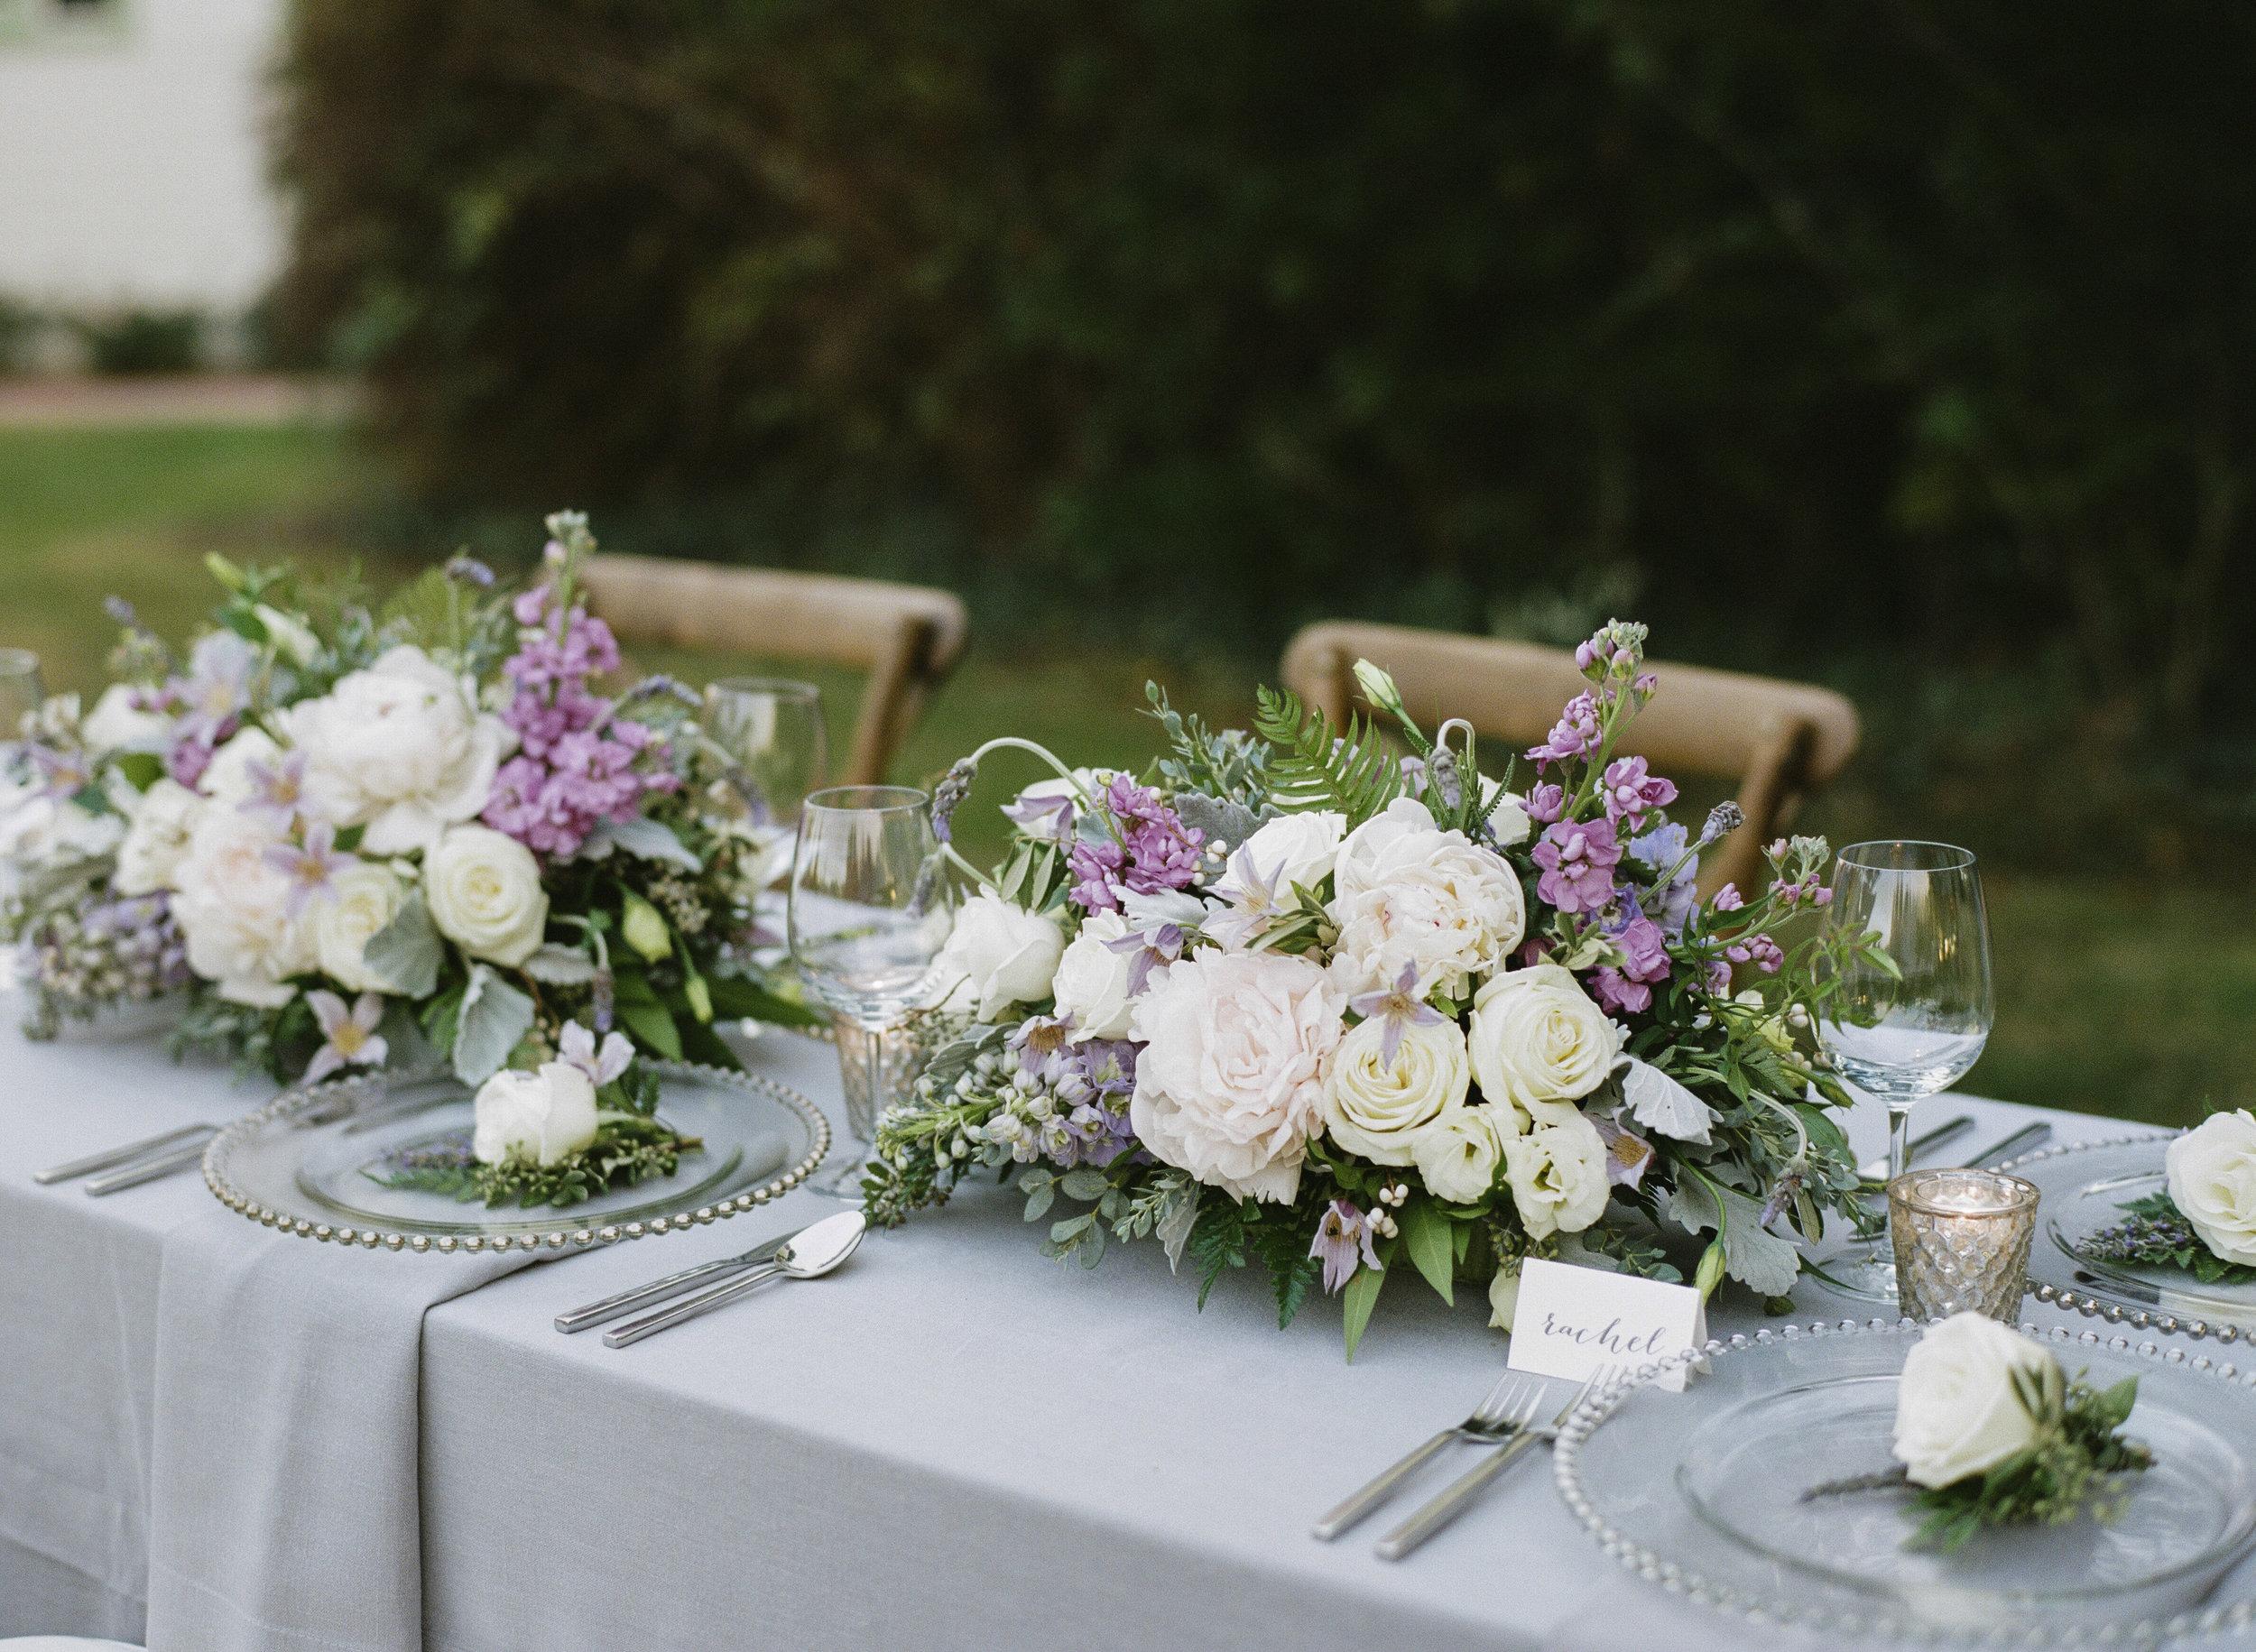 Violette-fleurs-roseville-sacramento-california-Flower-farm-inn-wedding-florist-spring-tablescape-blush-purple, ivory, greenery.jpg